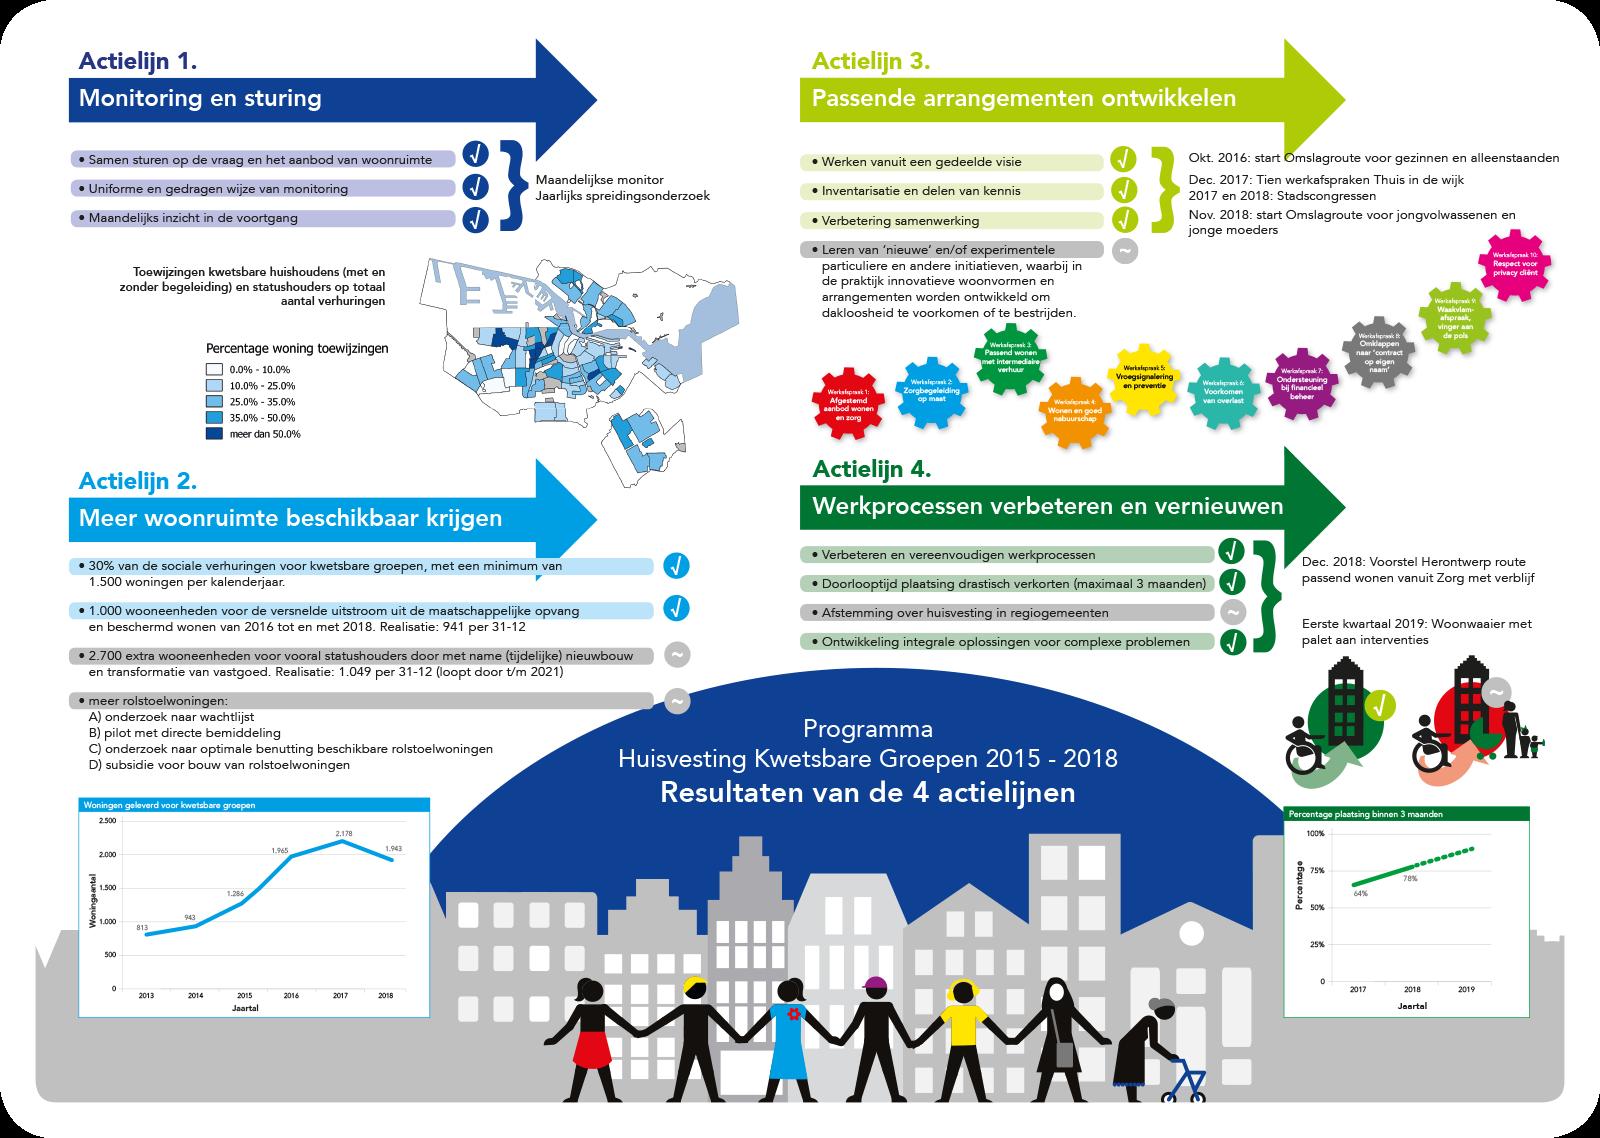 infographic-gemeente-amsterdam-actielijnen-woningzoekenden